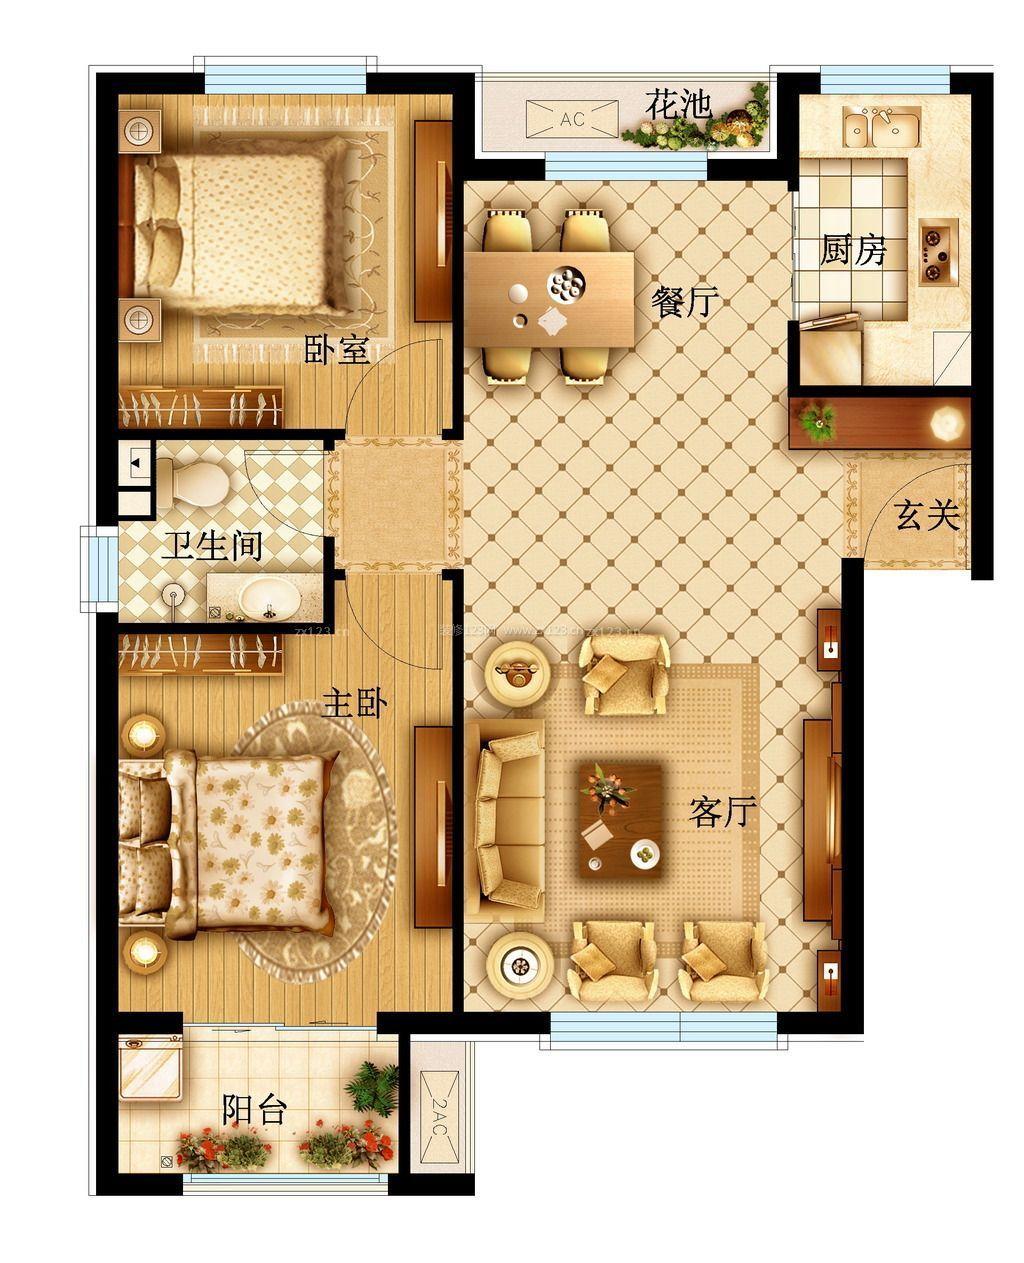 120平方三室两厅房子设计图展示